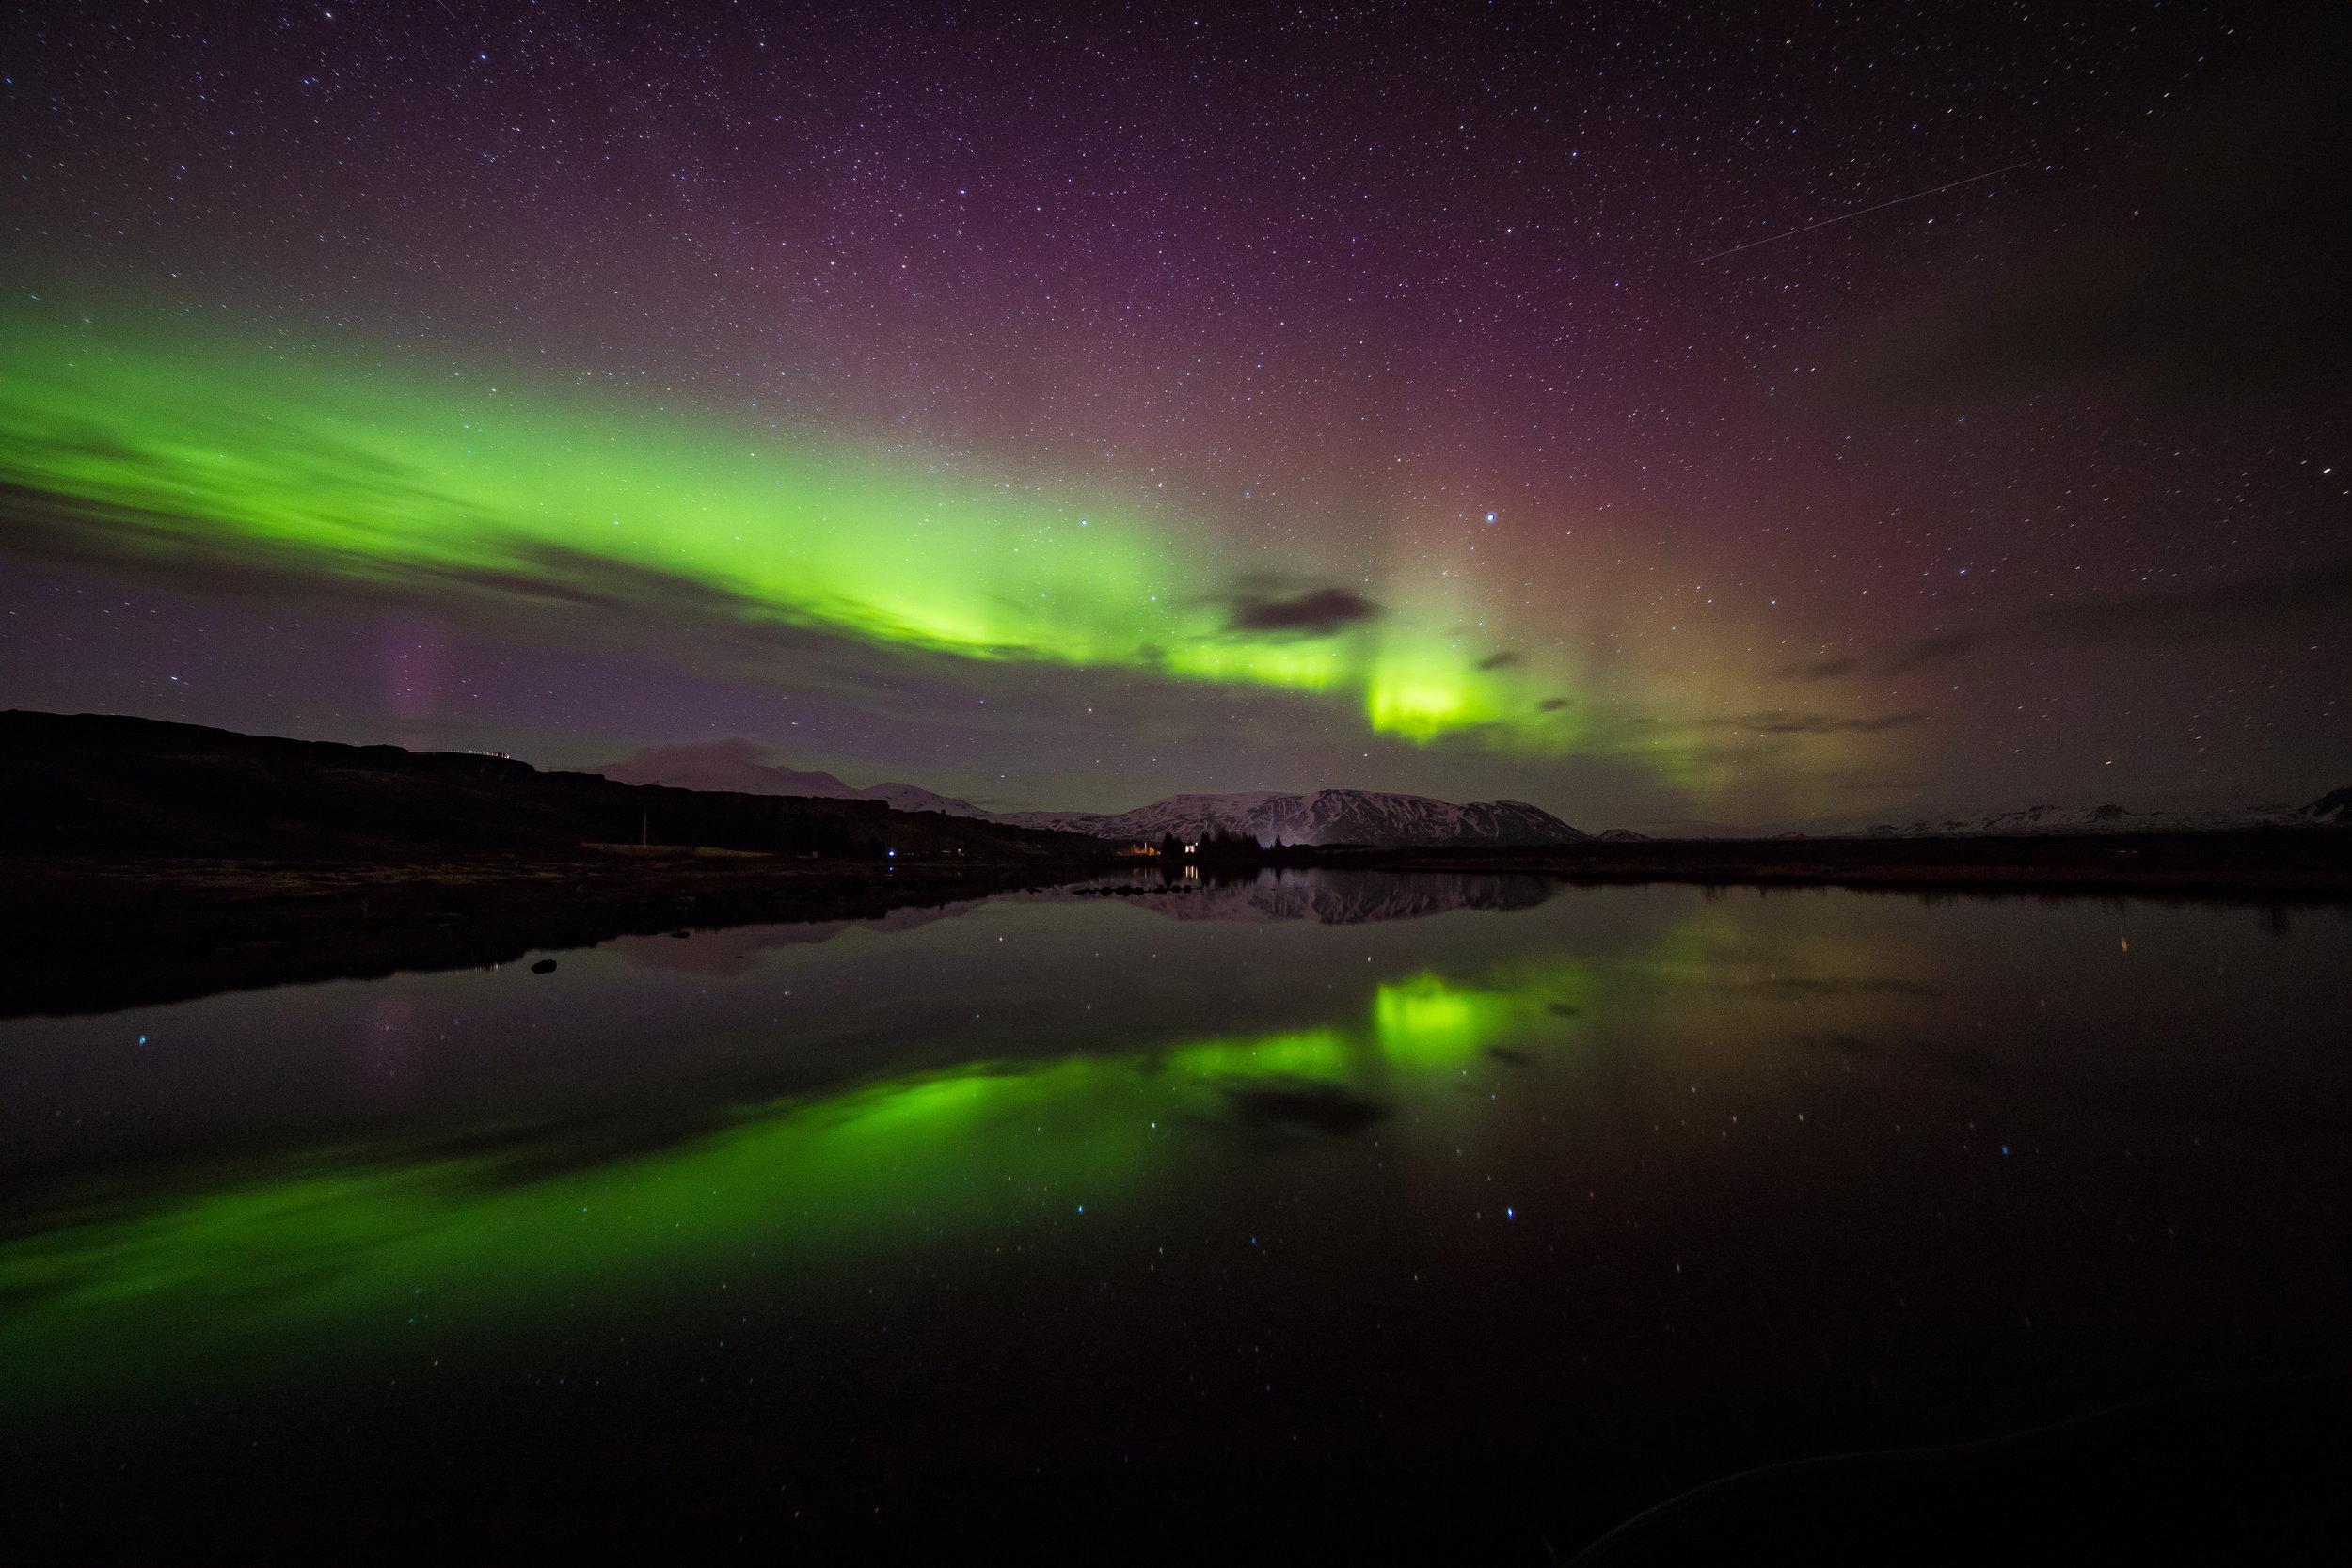 Black mirror - Þingvellir National Park